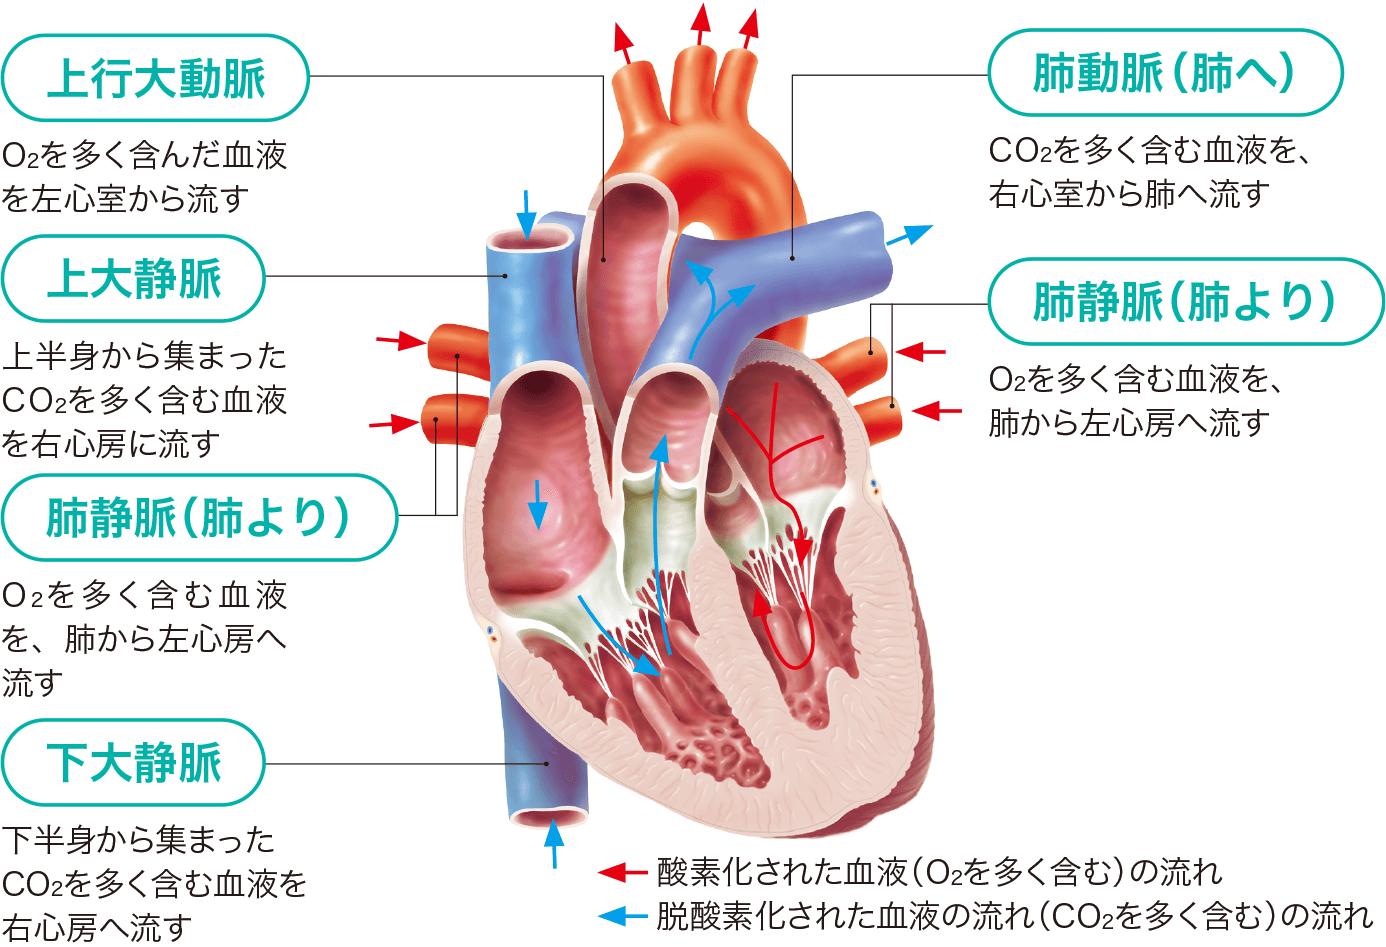 心臓の中の血液の流れ